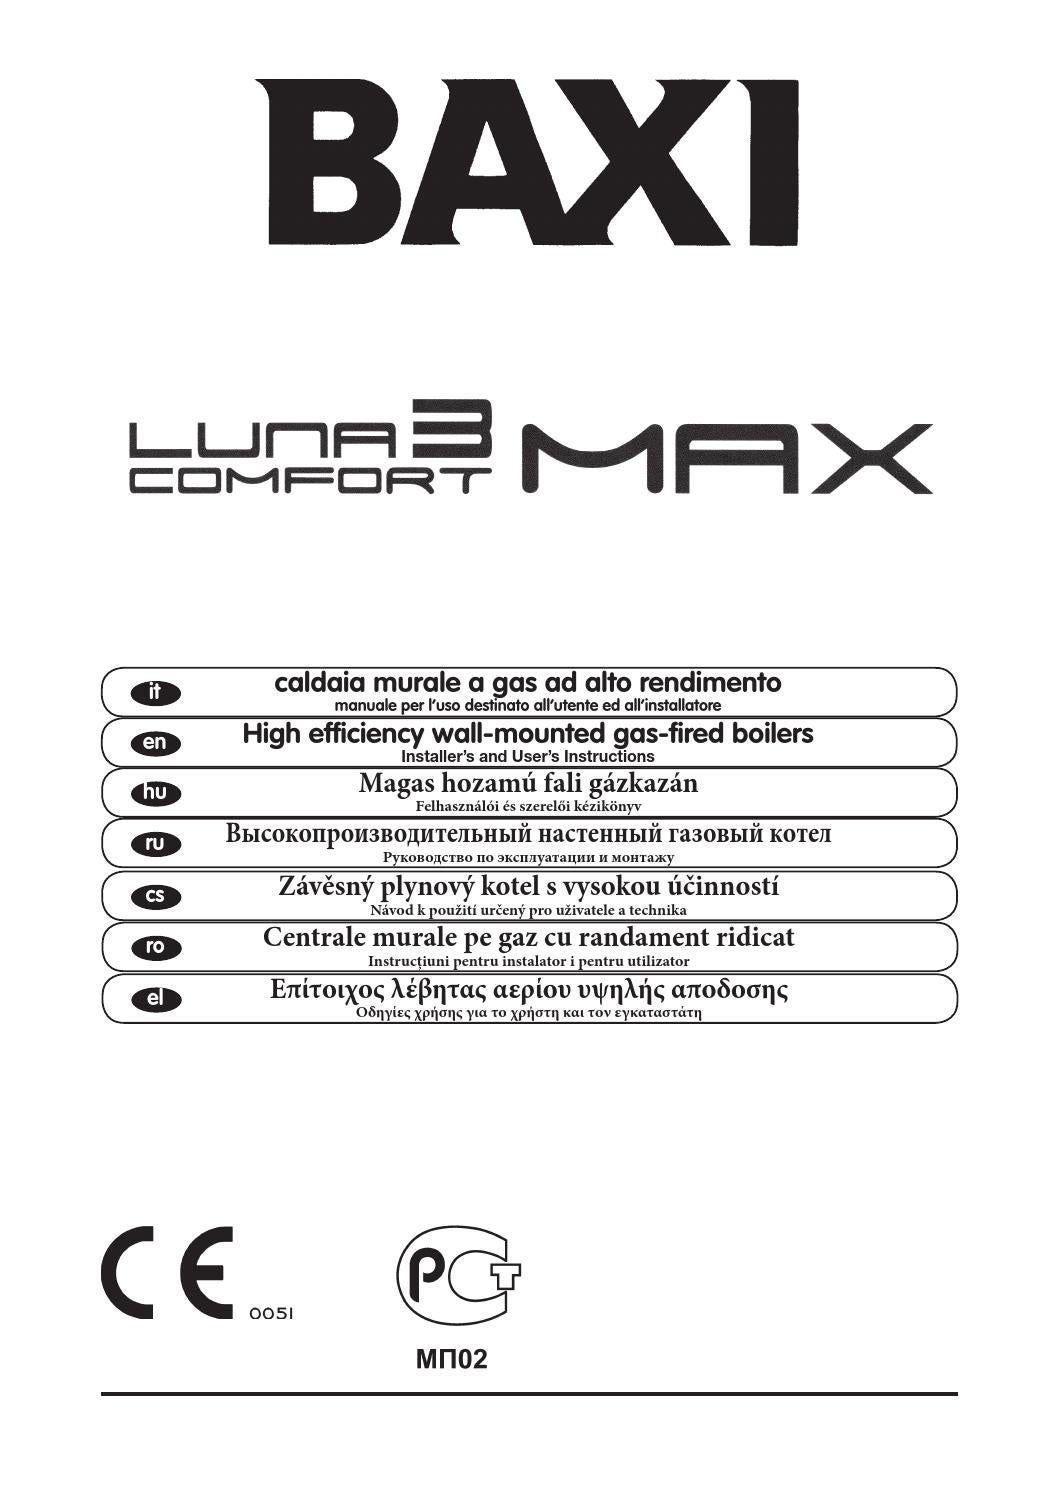 tabelul de opțiuni lunar